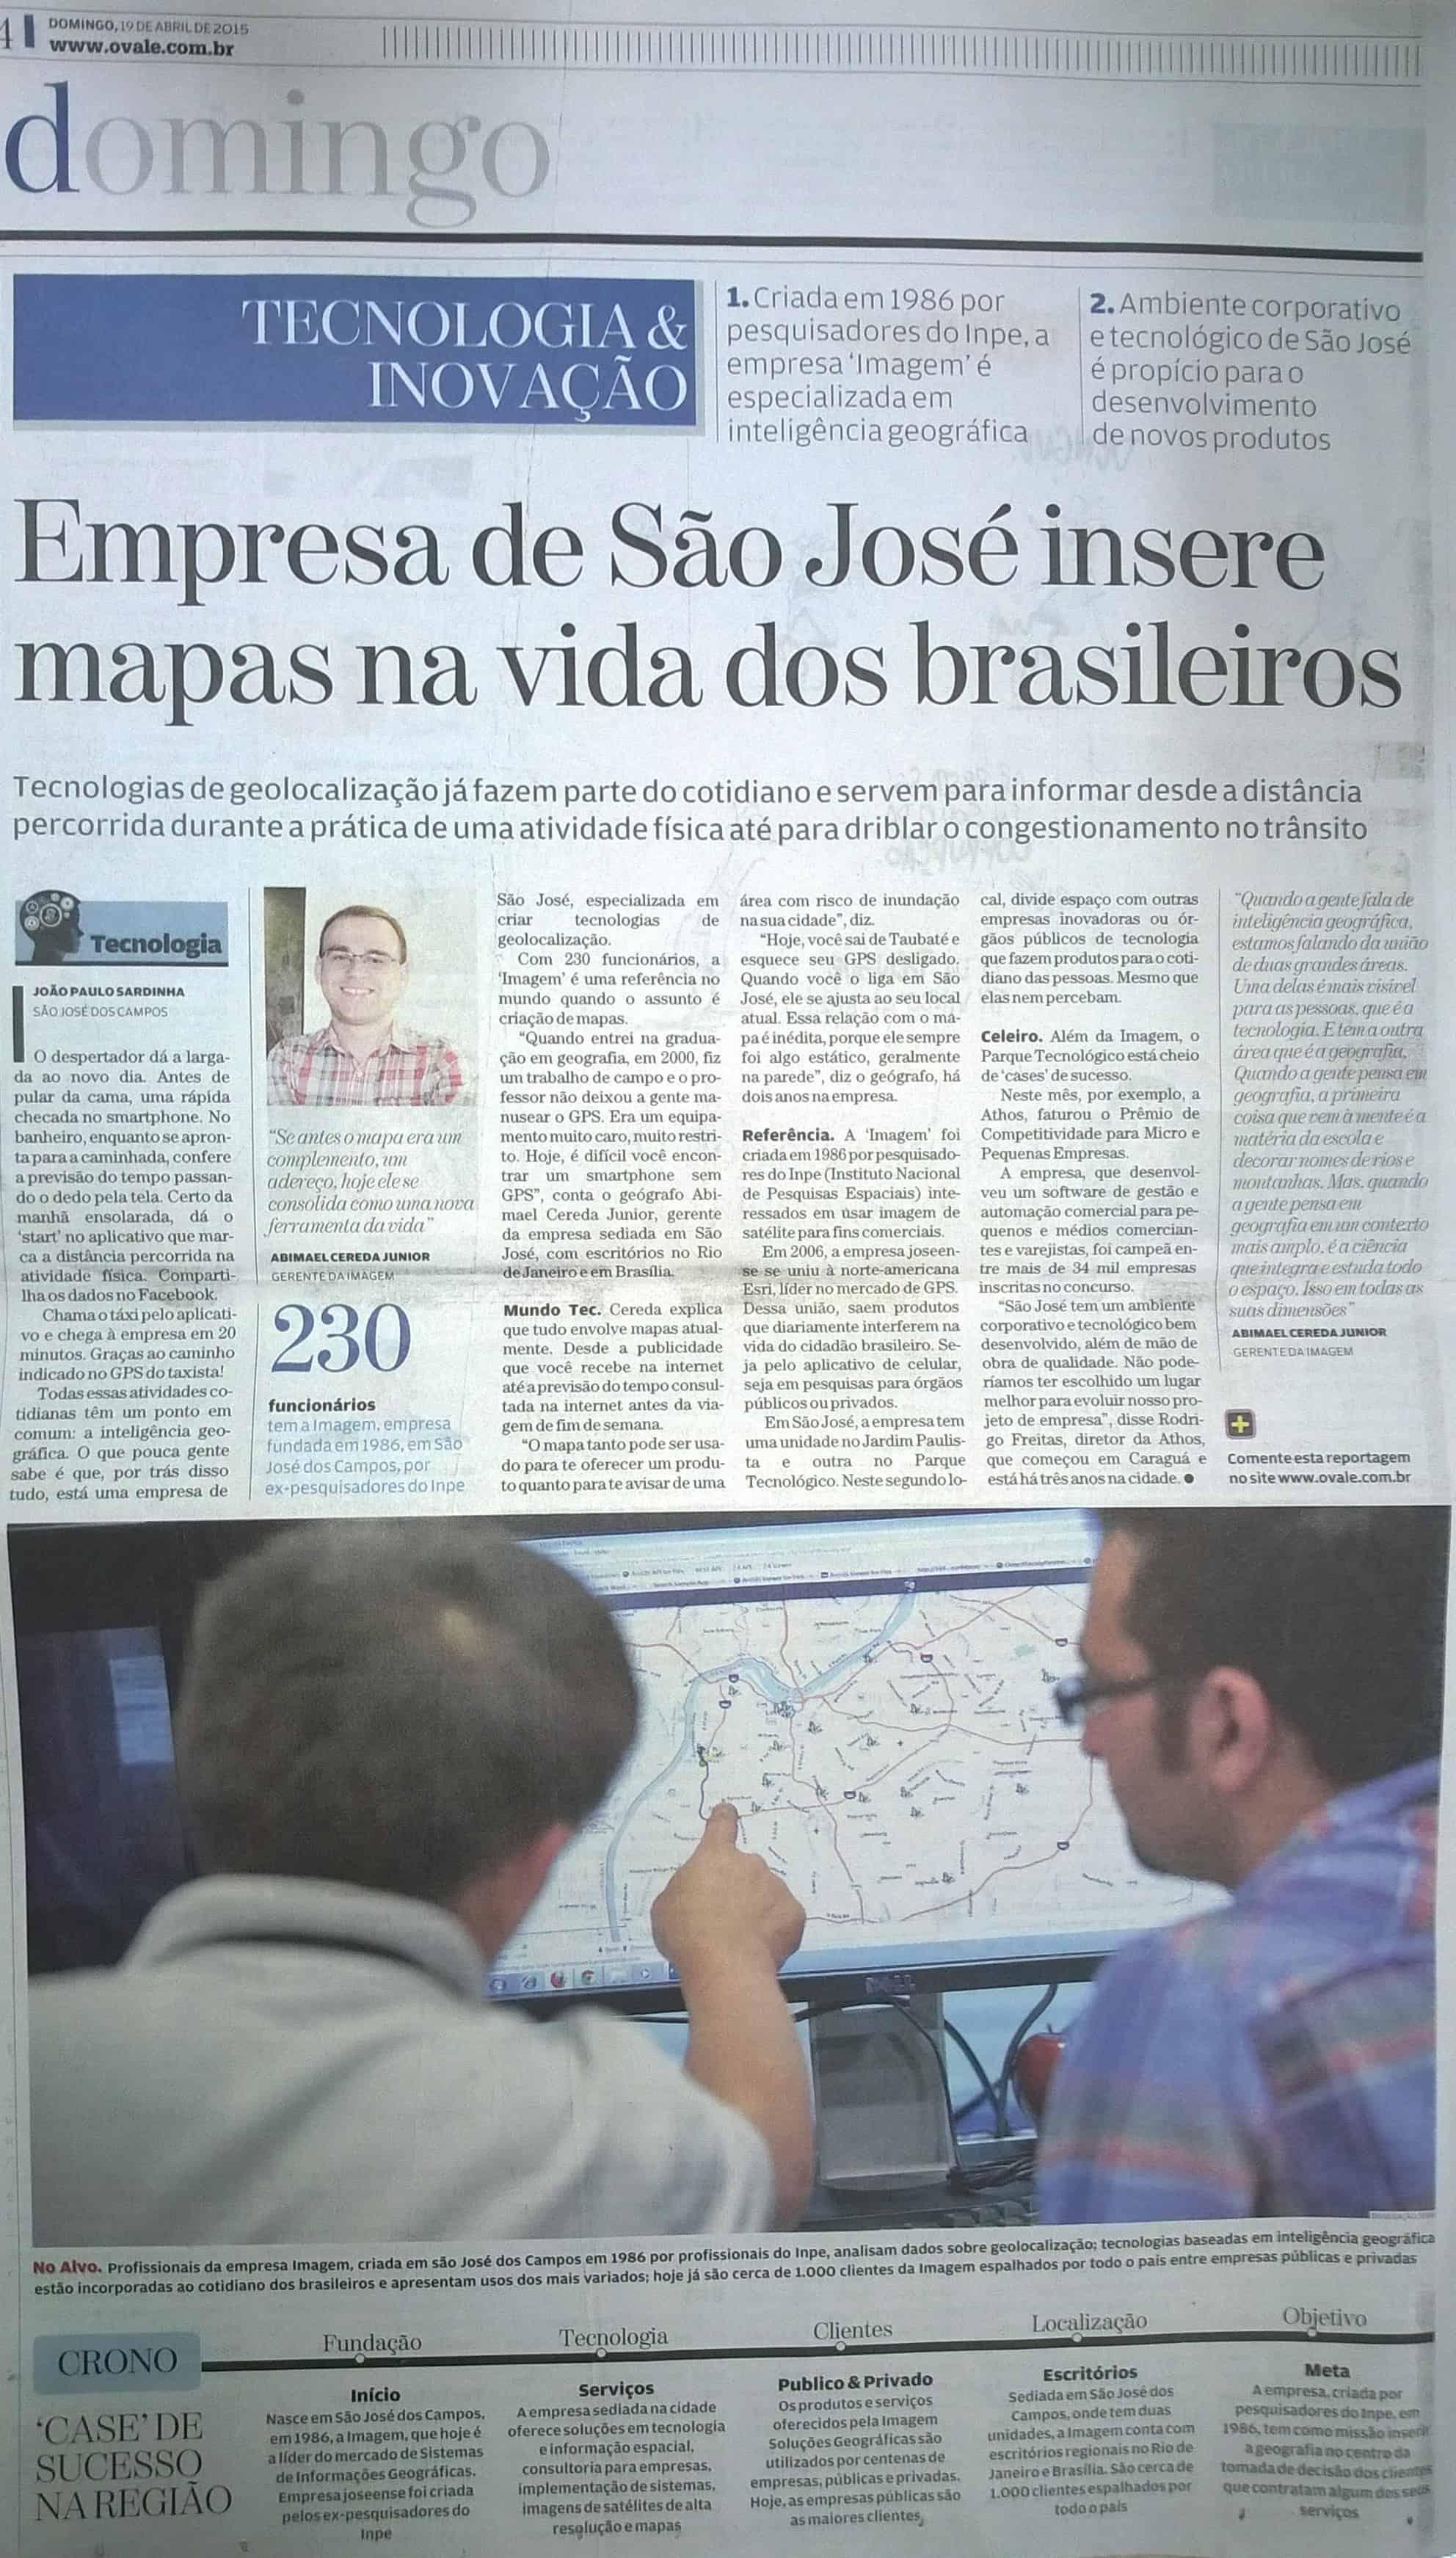 Empresa de São José insere mapas na vida dos brasileiros